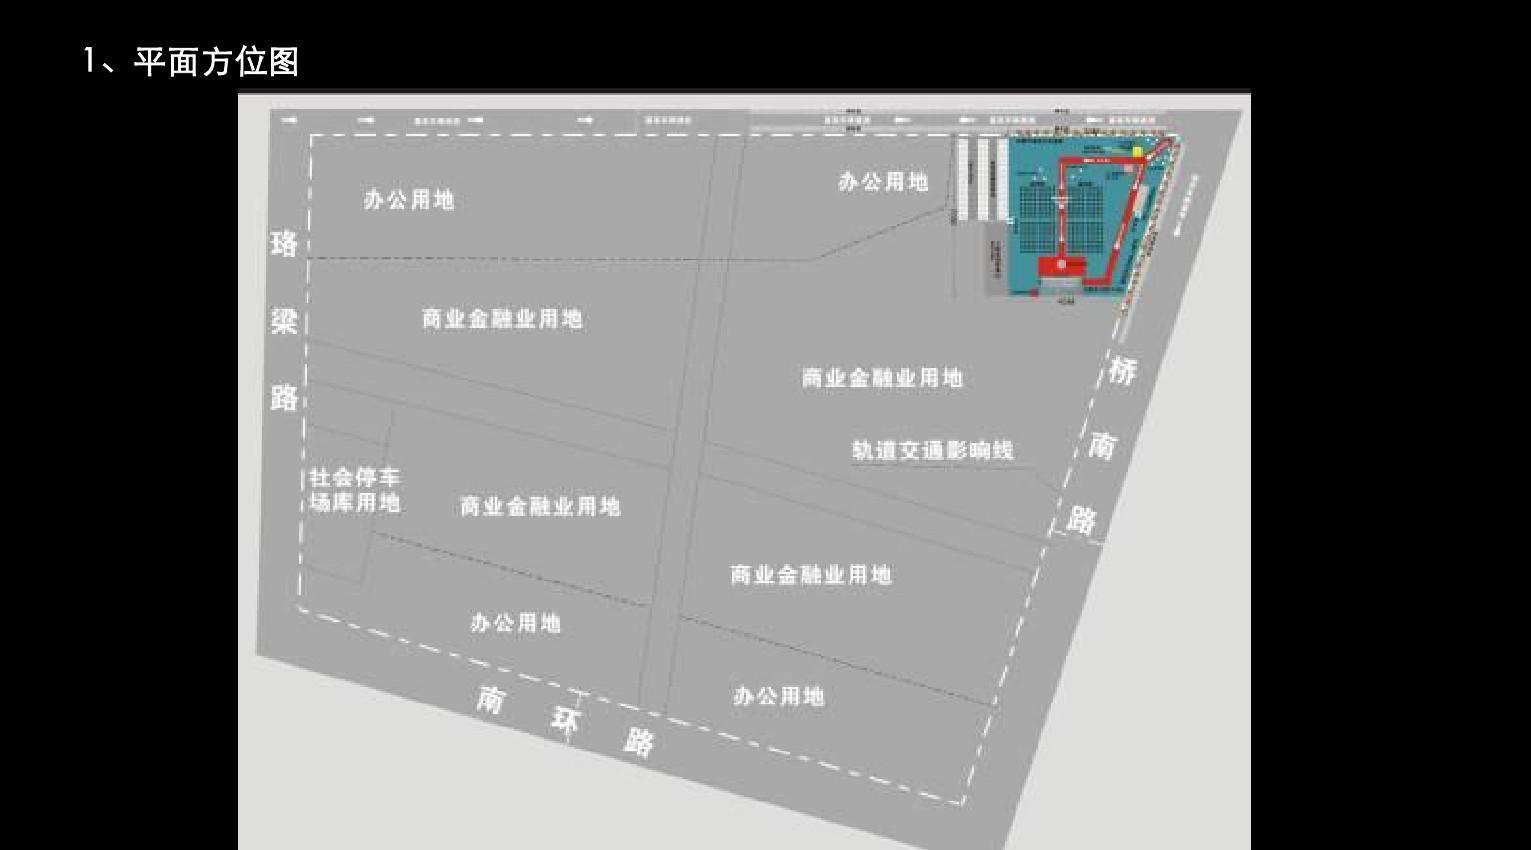 2009年武汉创意天地奠基盛典执行案ppt图片